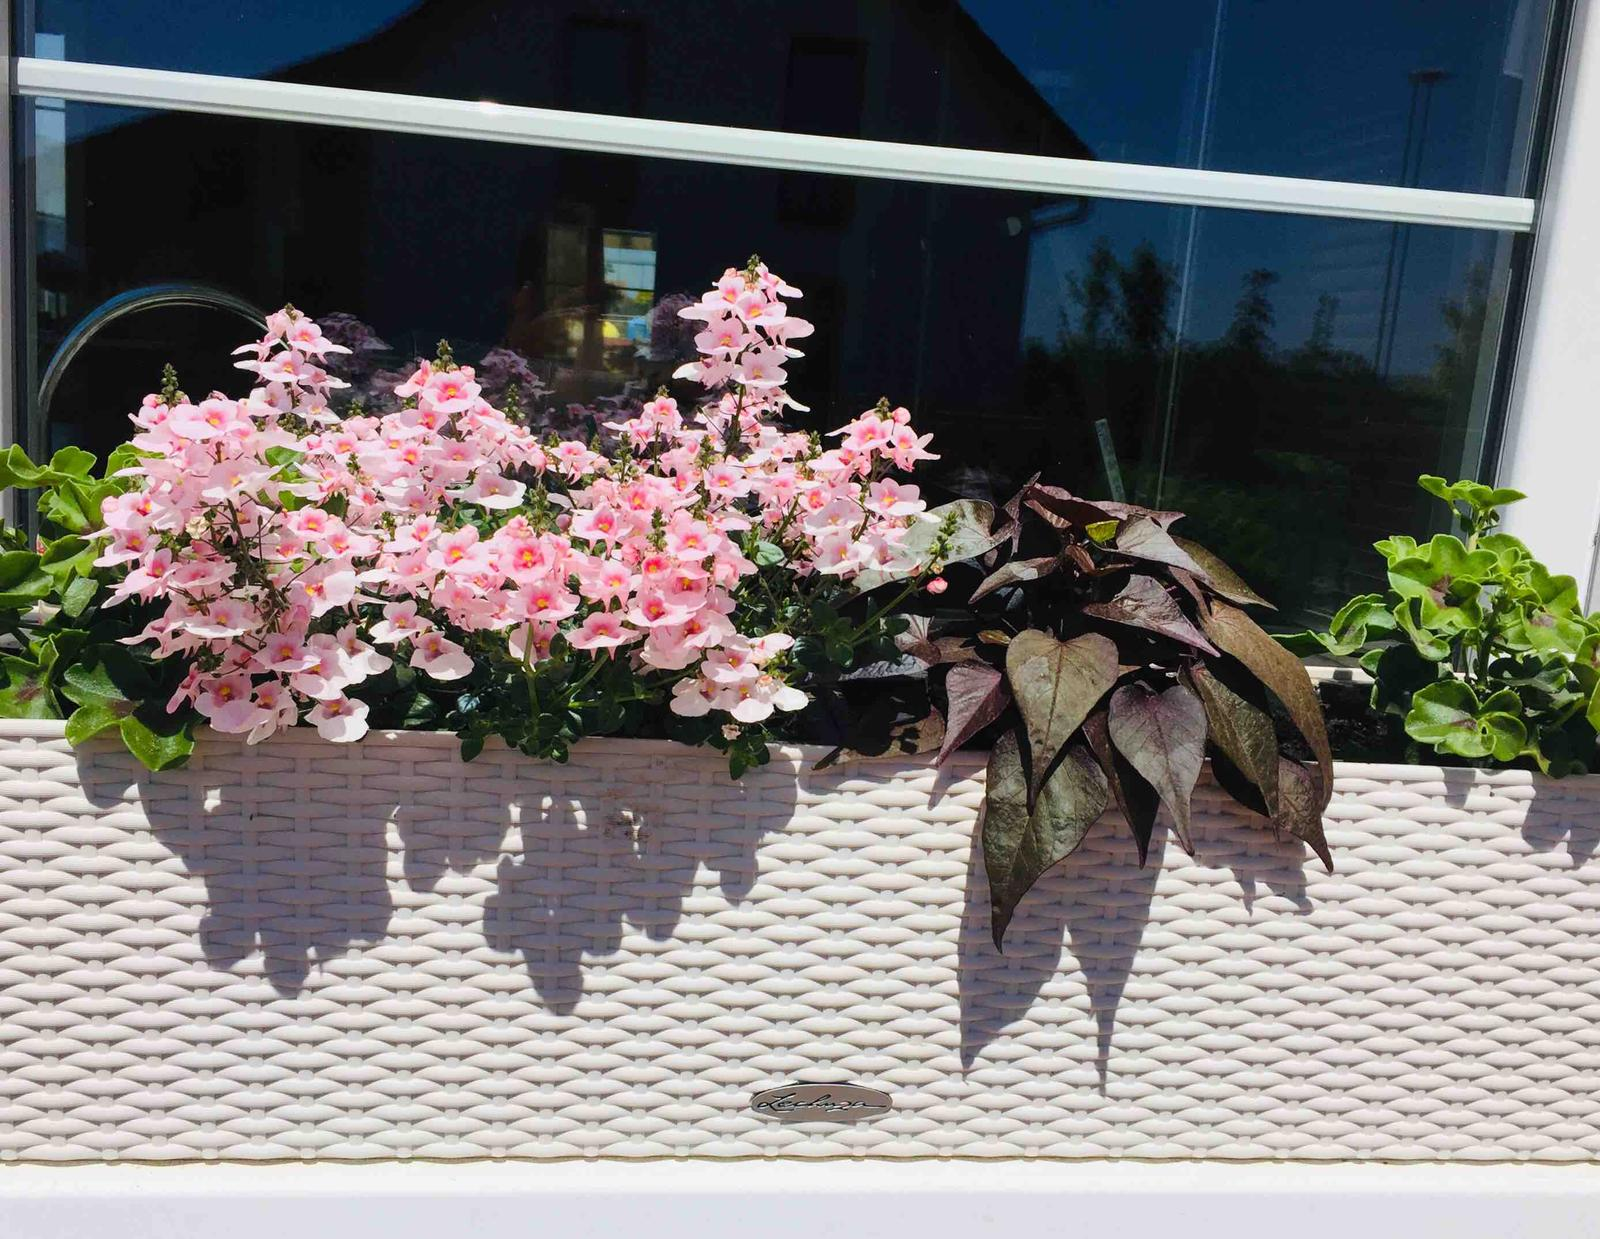 Naše barevná zahrada 🌸 - Na stranách převislý muškát - nekvete, stále zaštipuji, tmavý batát a diascie-ta zatím kvete krásně